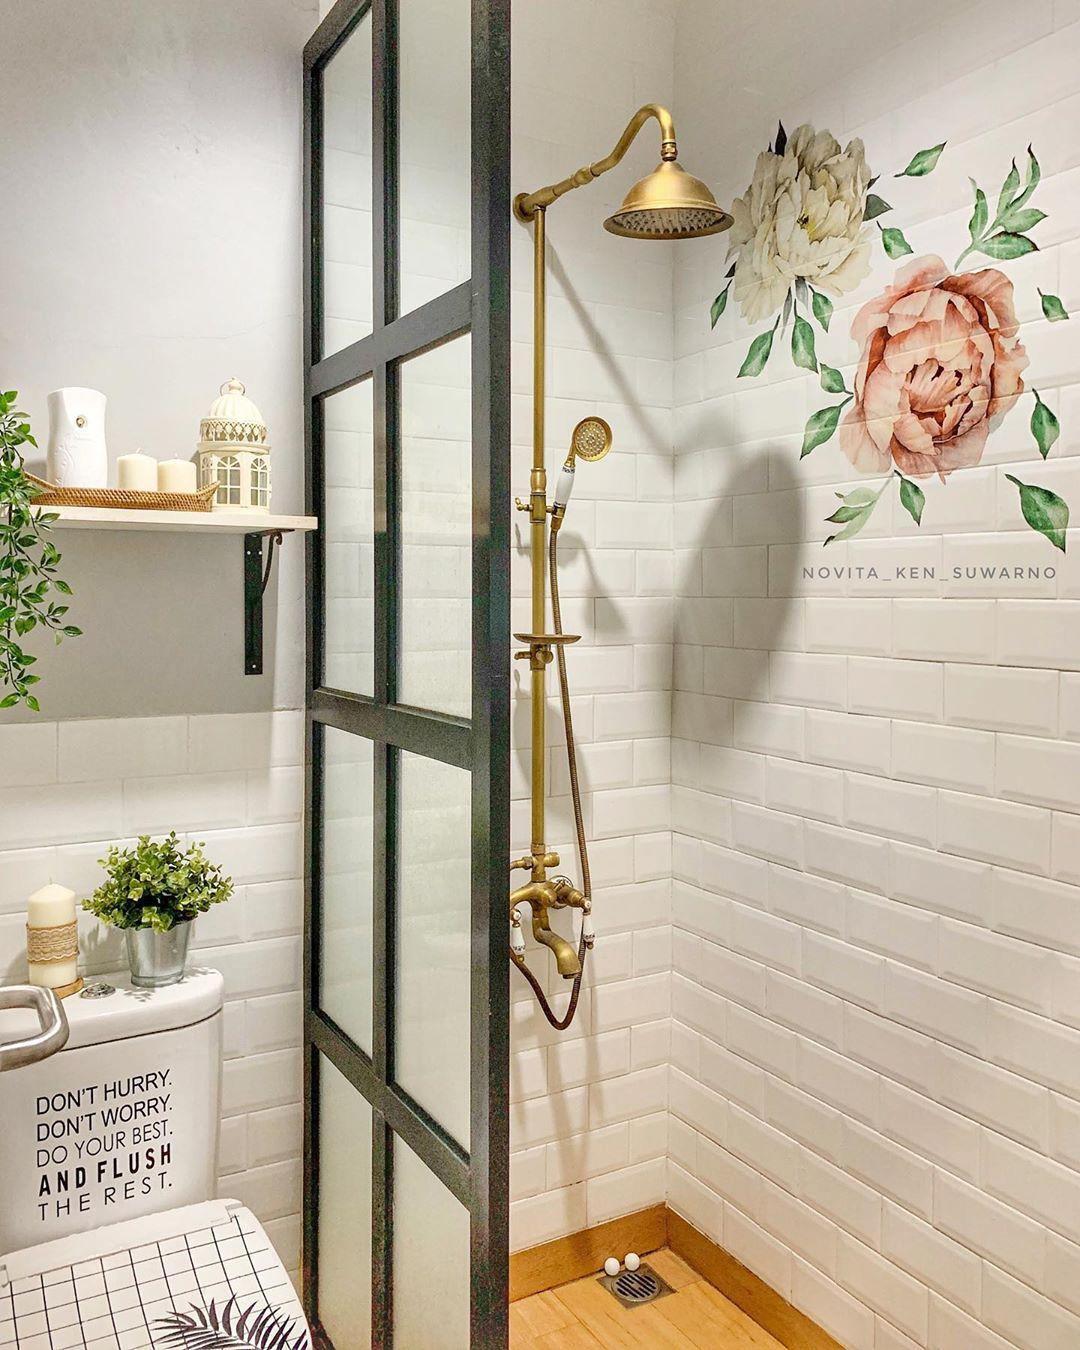 Inspirasi Desain Kamar Mandi: Desain Interior Kamar Mandi Minimalis Dengan Nordic Style